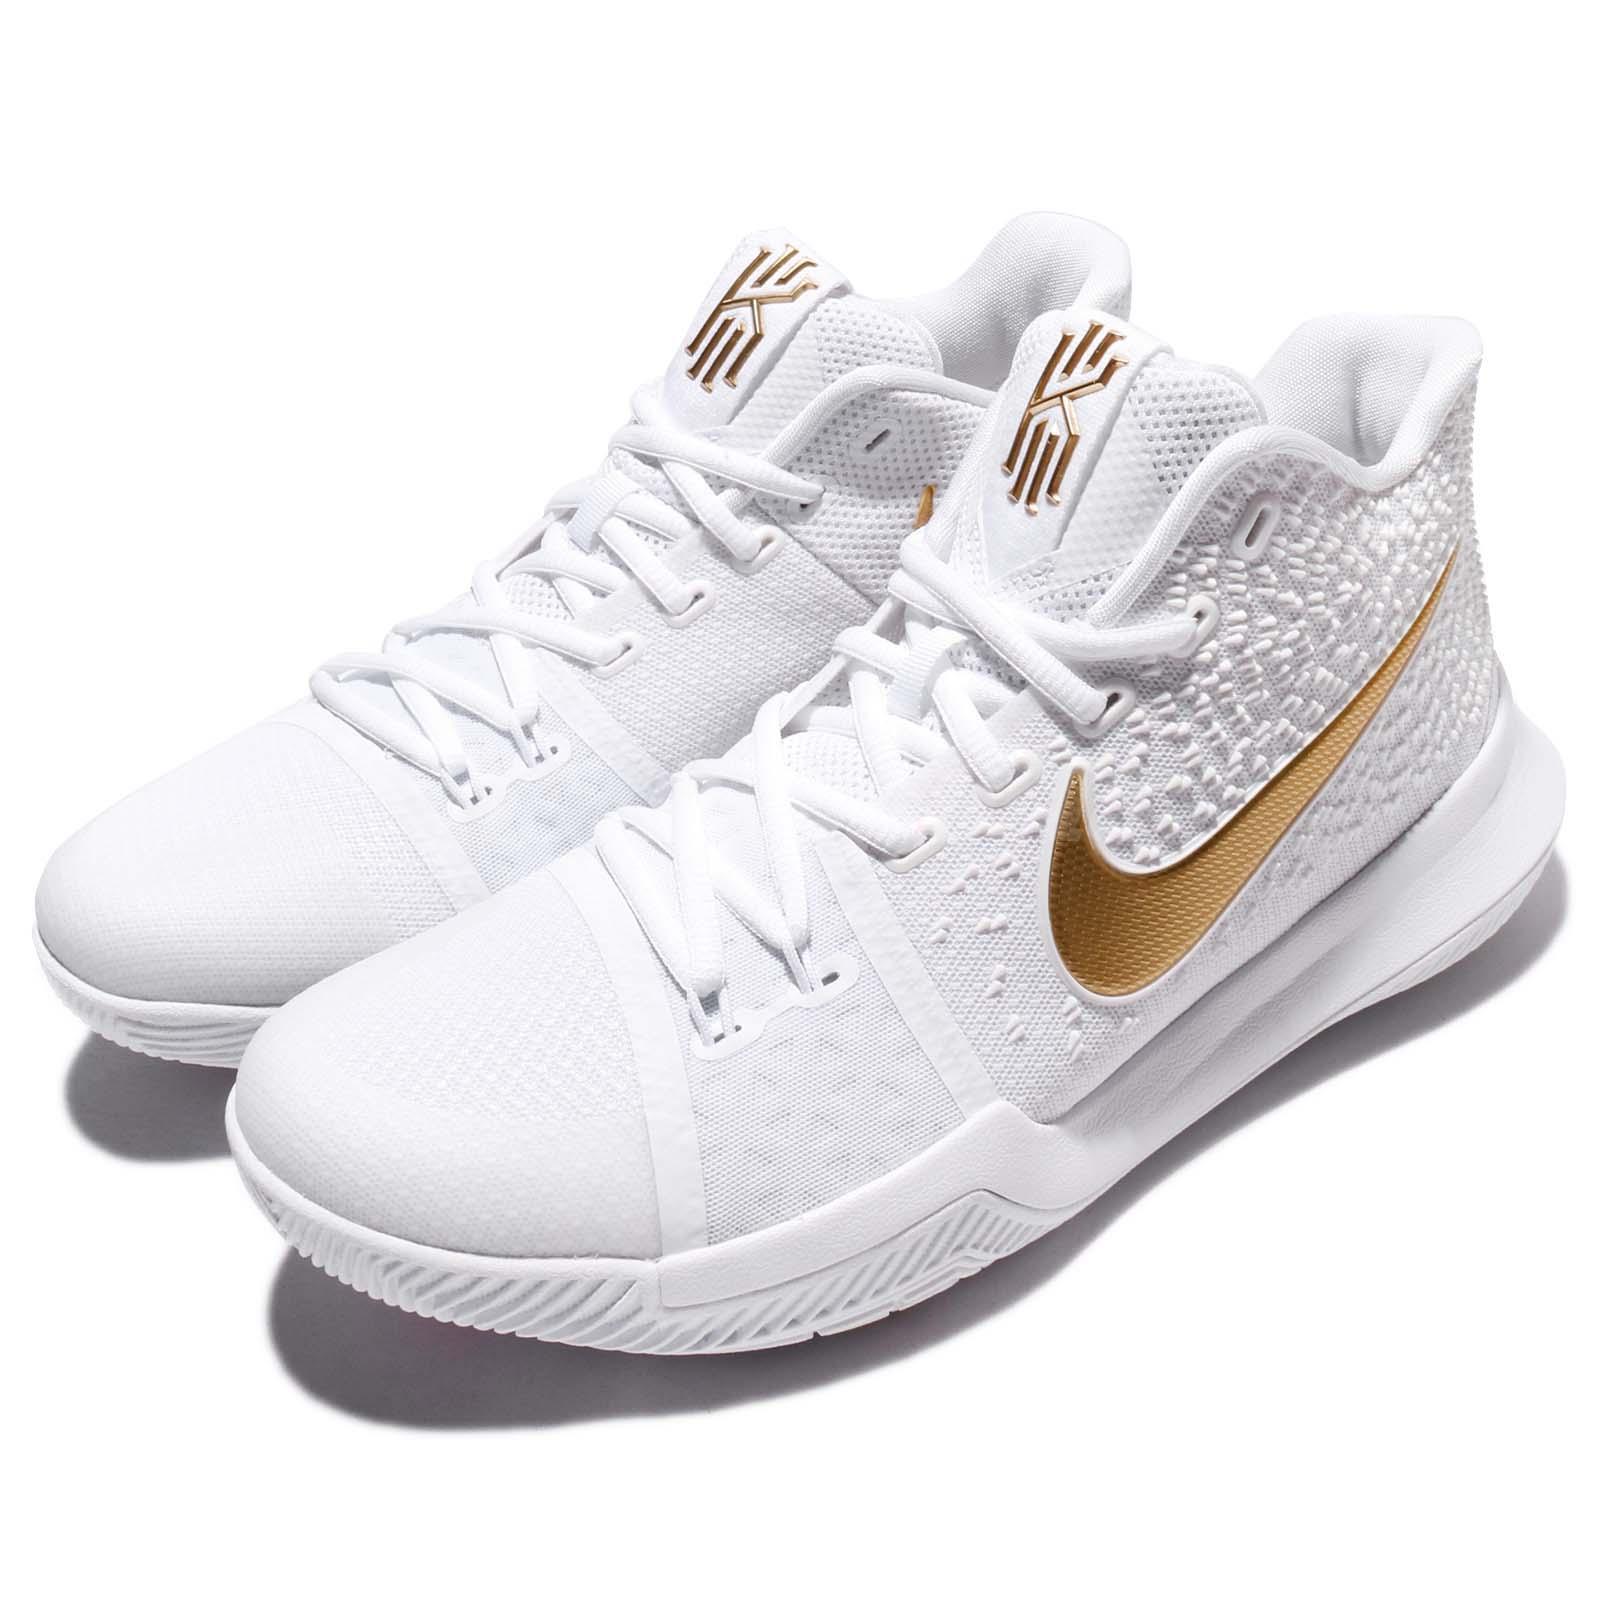 Incorrect Shoe Size